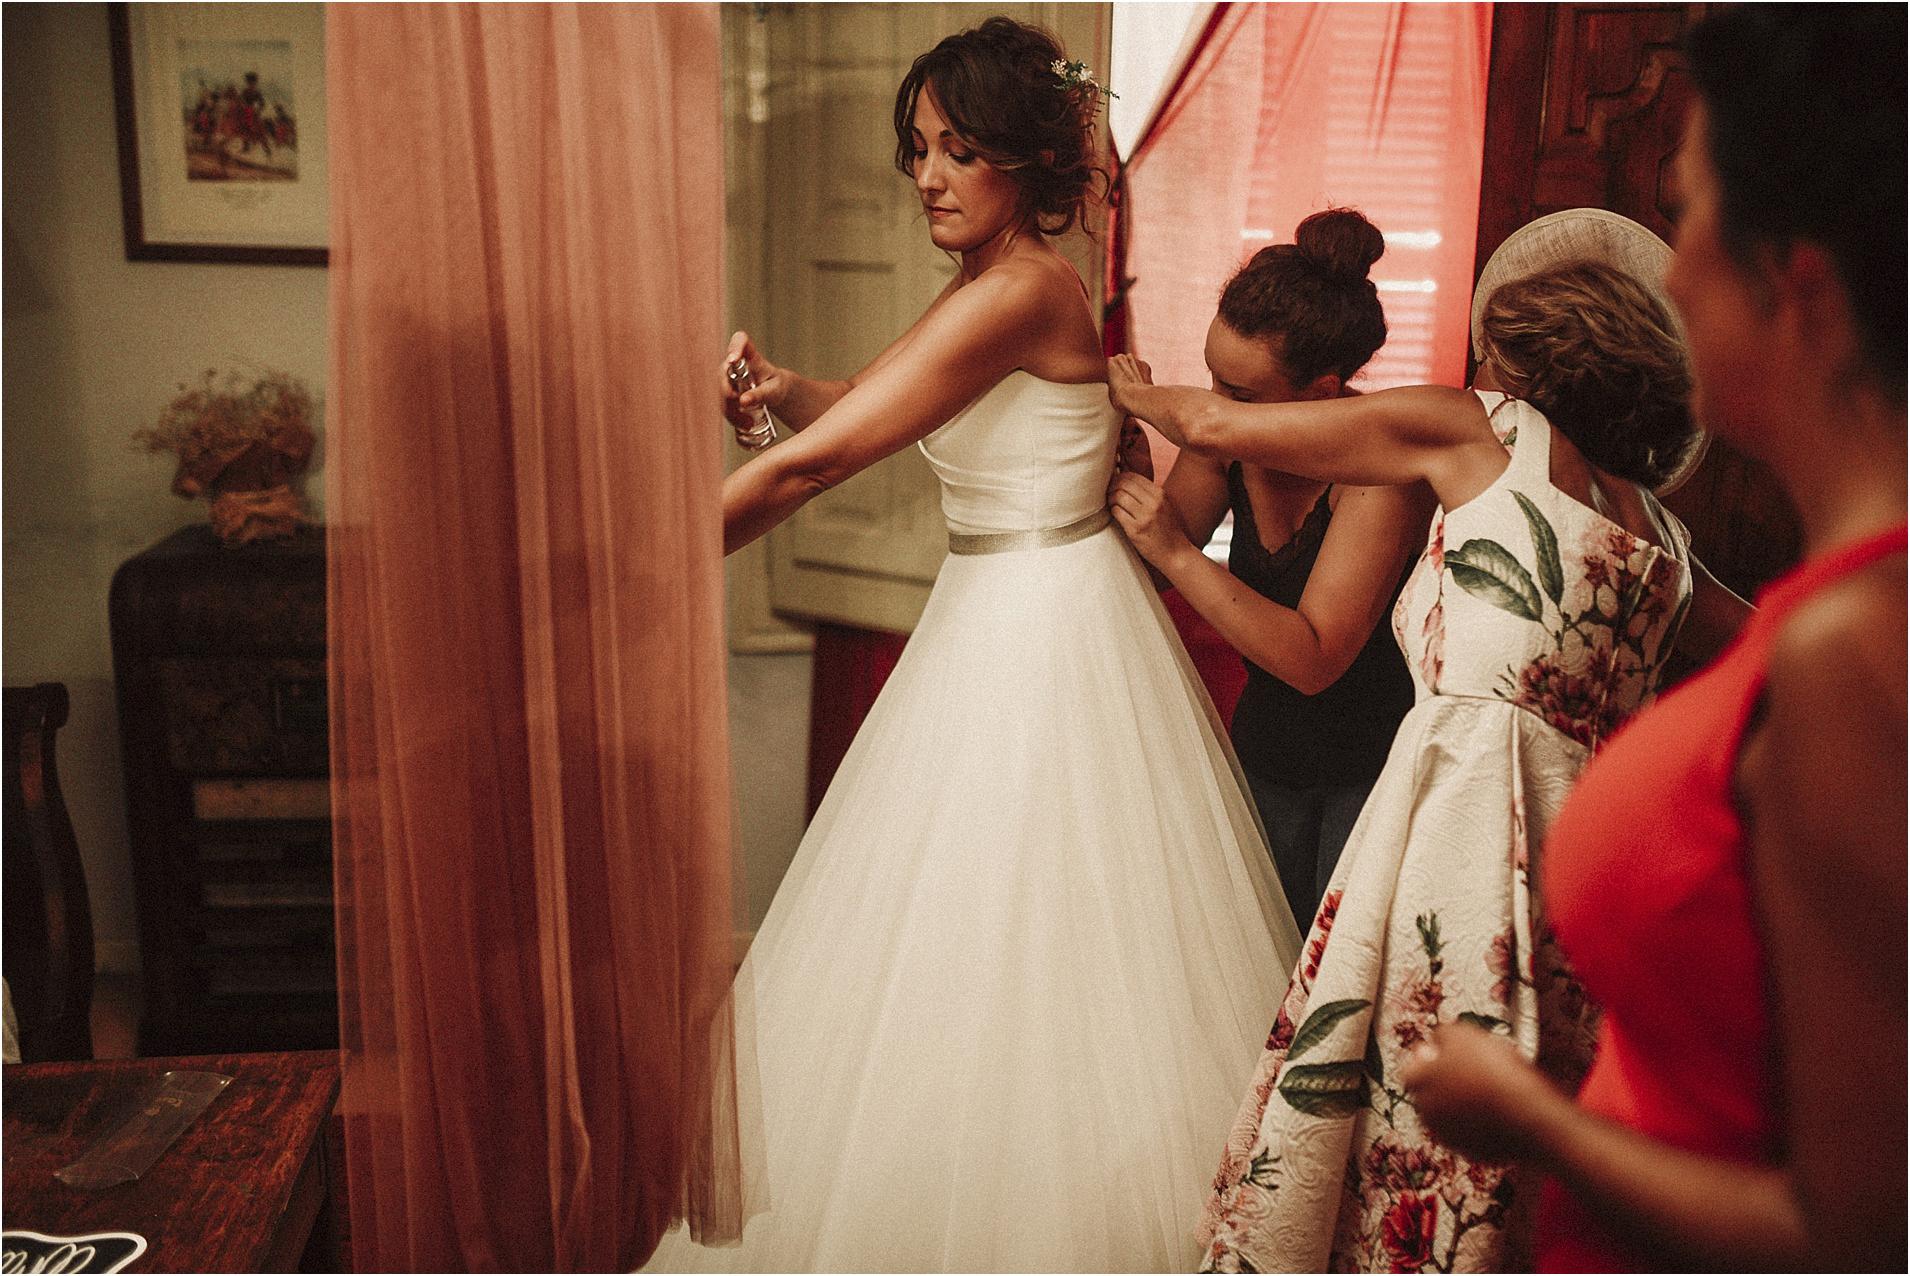 Fotografos-de-boda-donostia-zaragoza-san-sebastian-destination-wedding-photographer-26.jpg